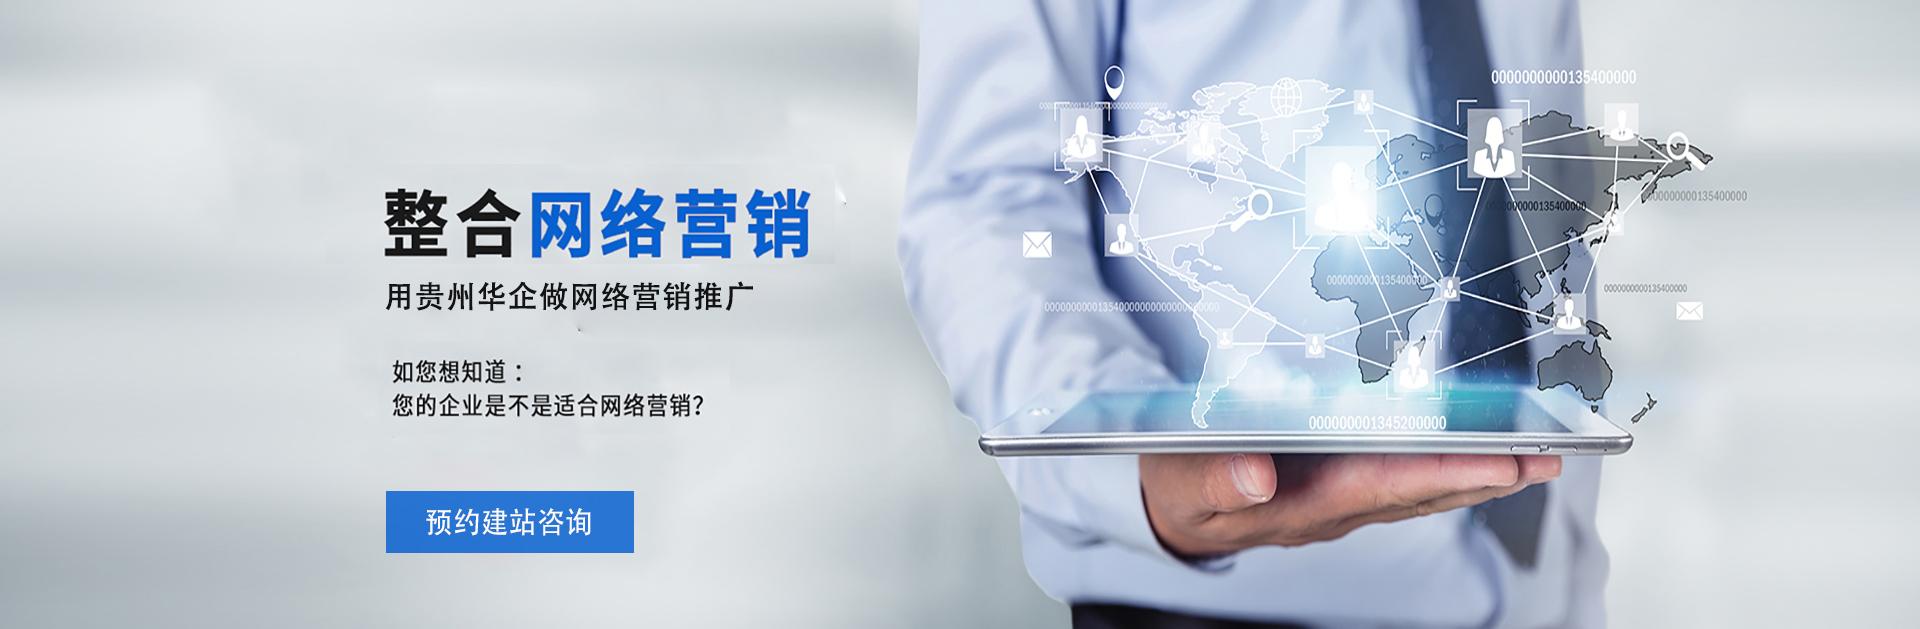 竞博jbo下载网站推广